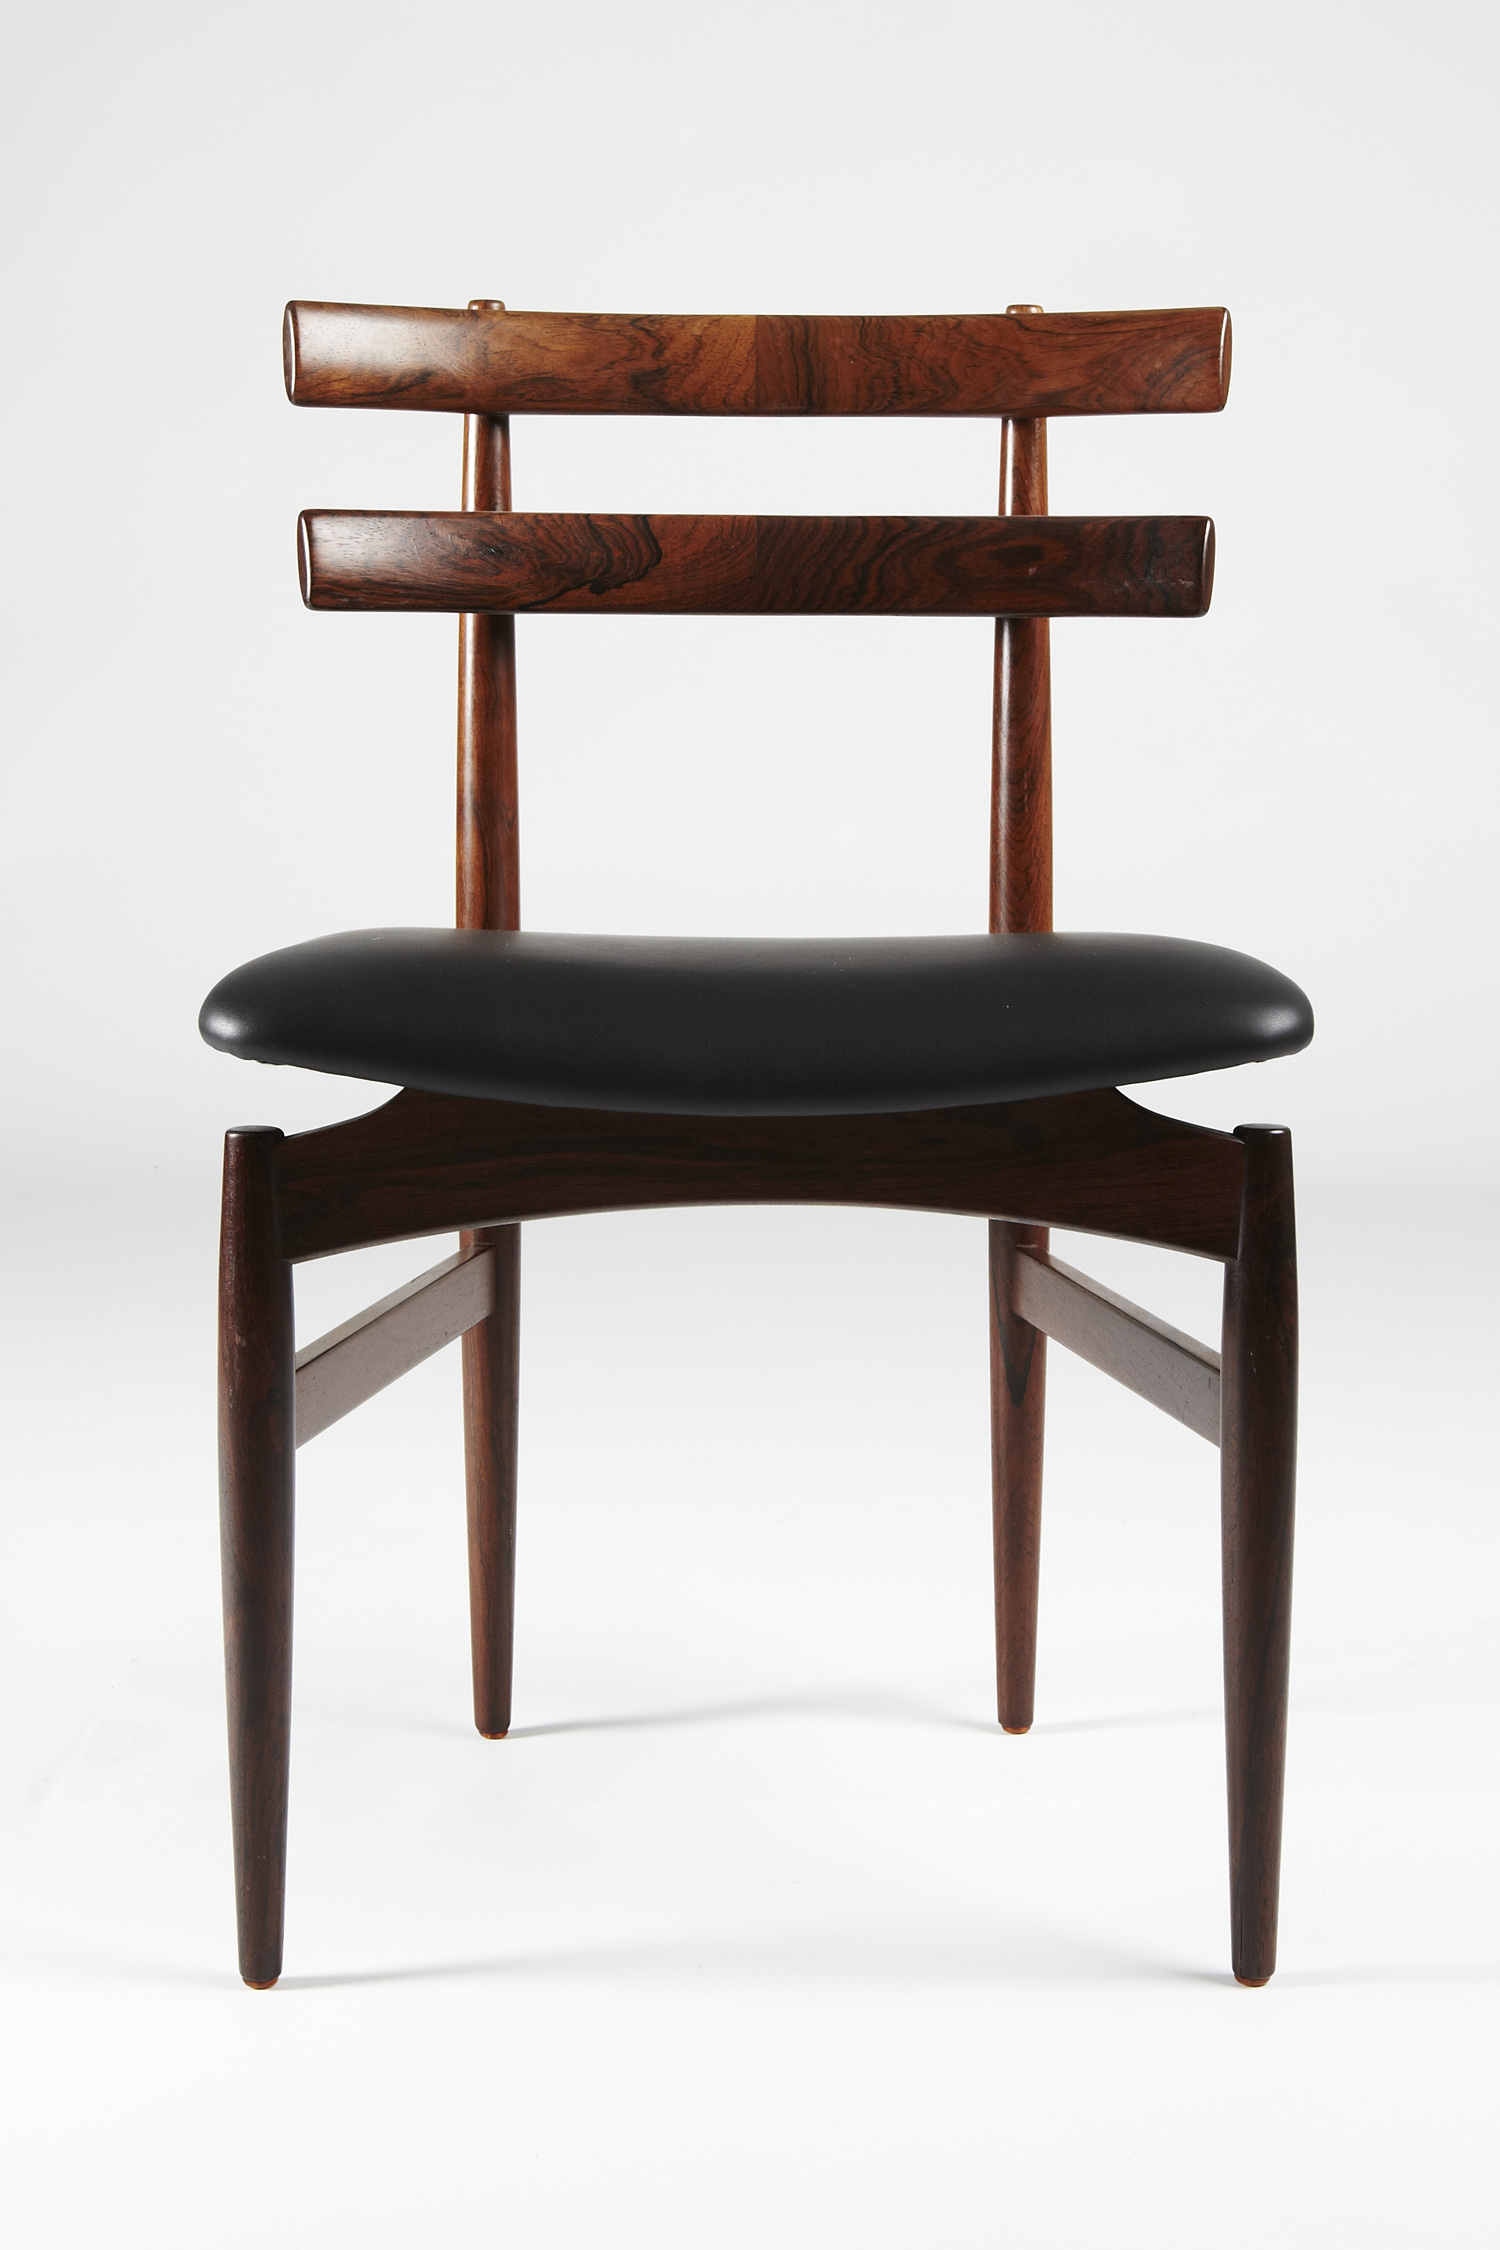 Kristiansen 1963 dining chair1_resize.jpg